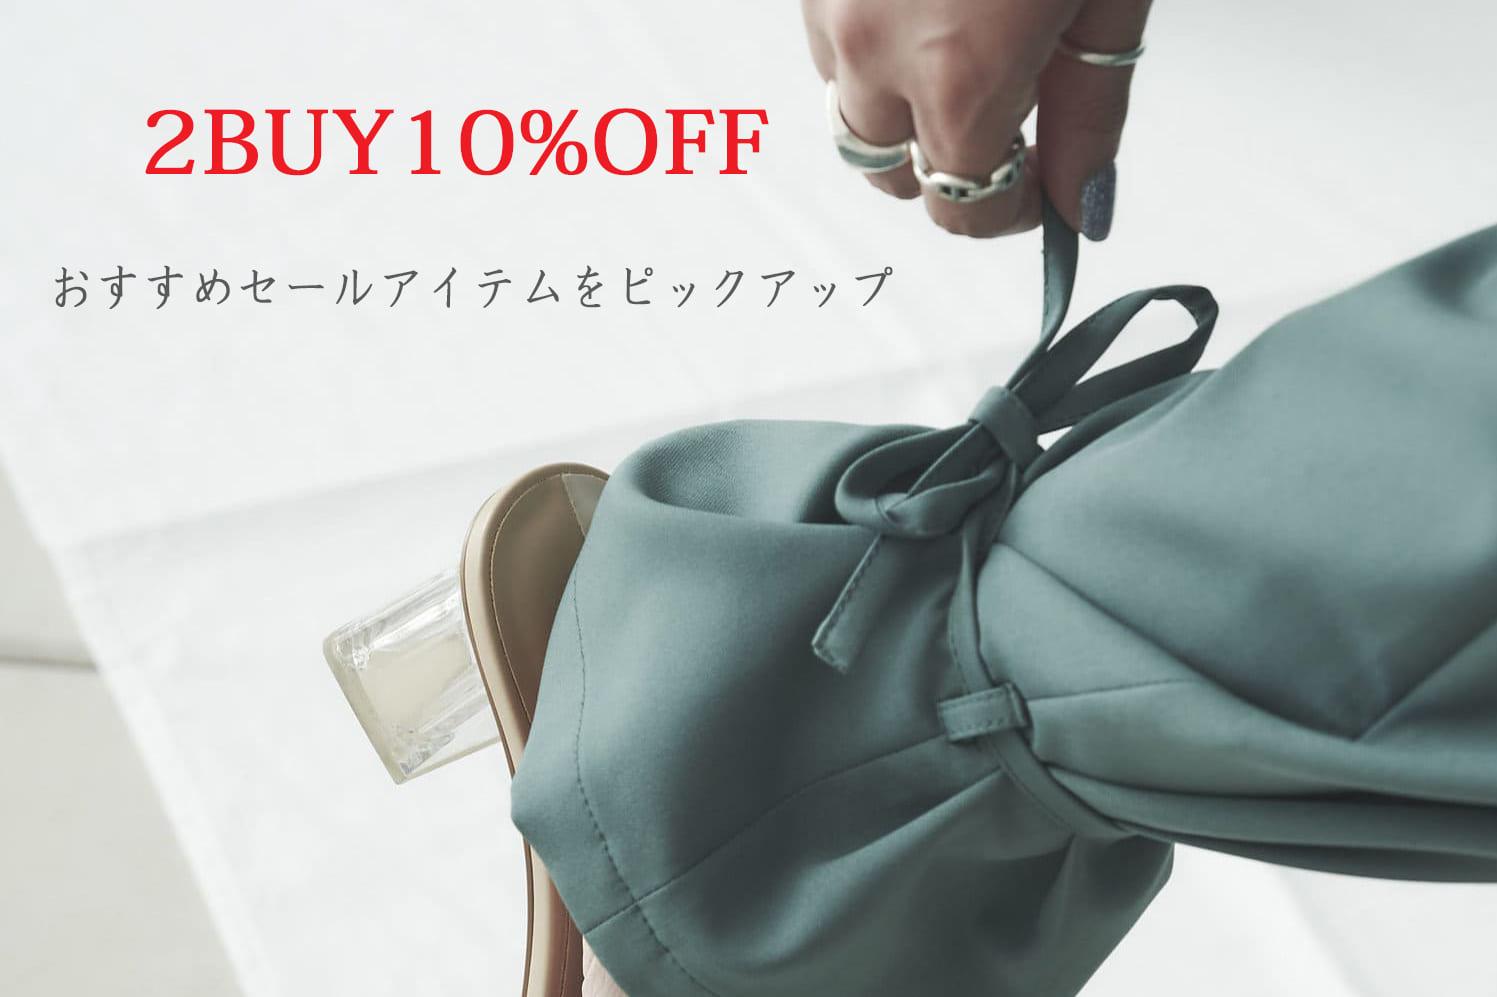 mona Belinda 【2BUY10%OFF】オススメセールアイテム!